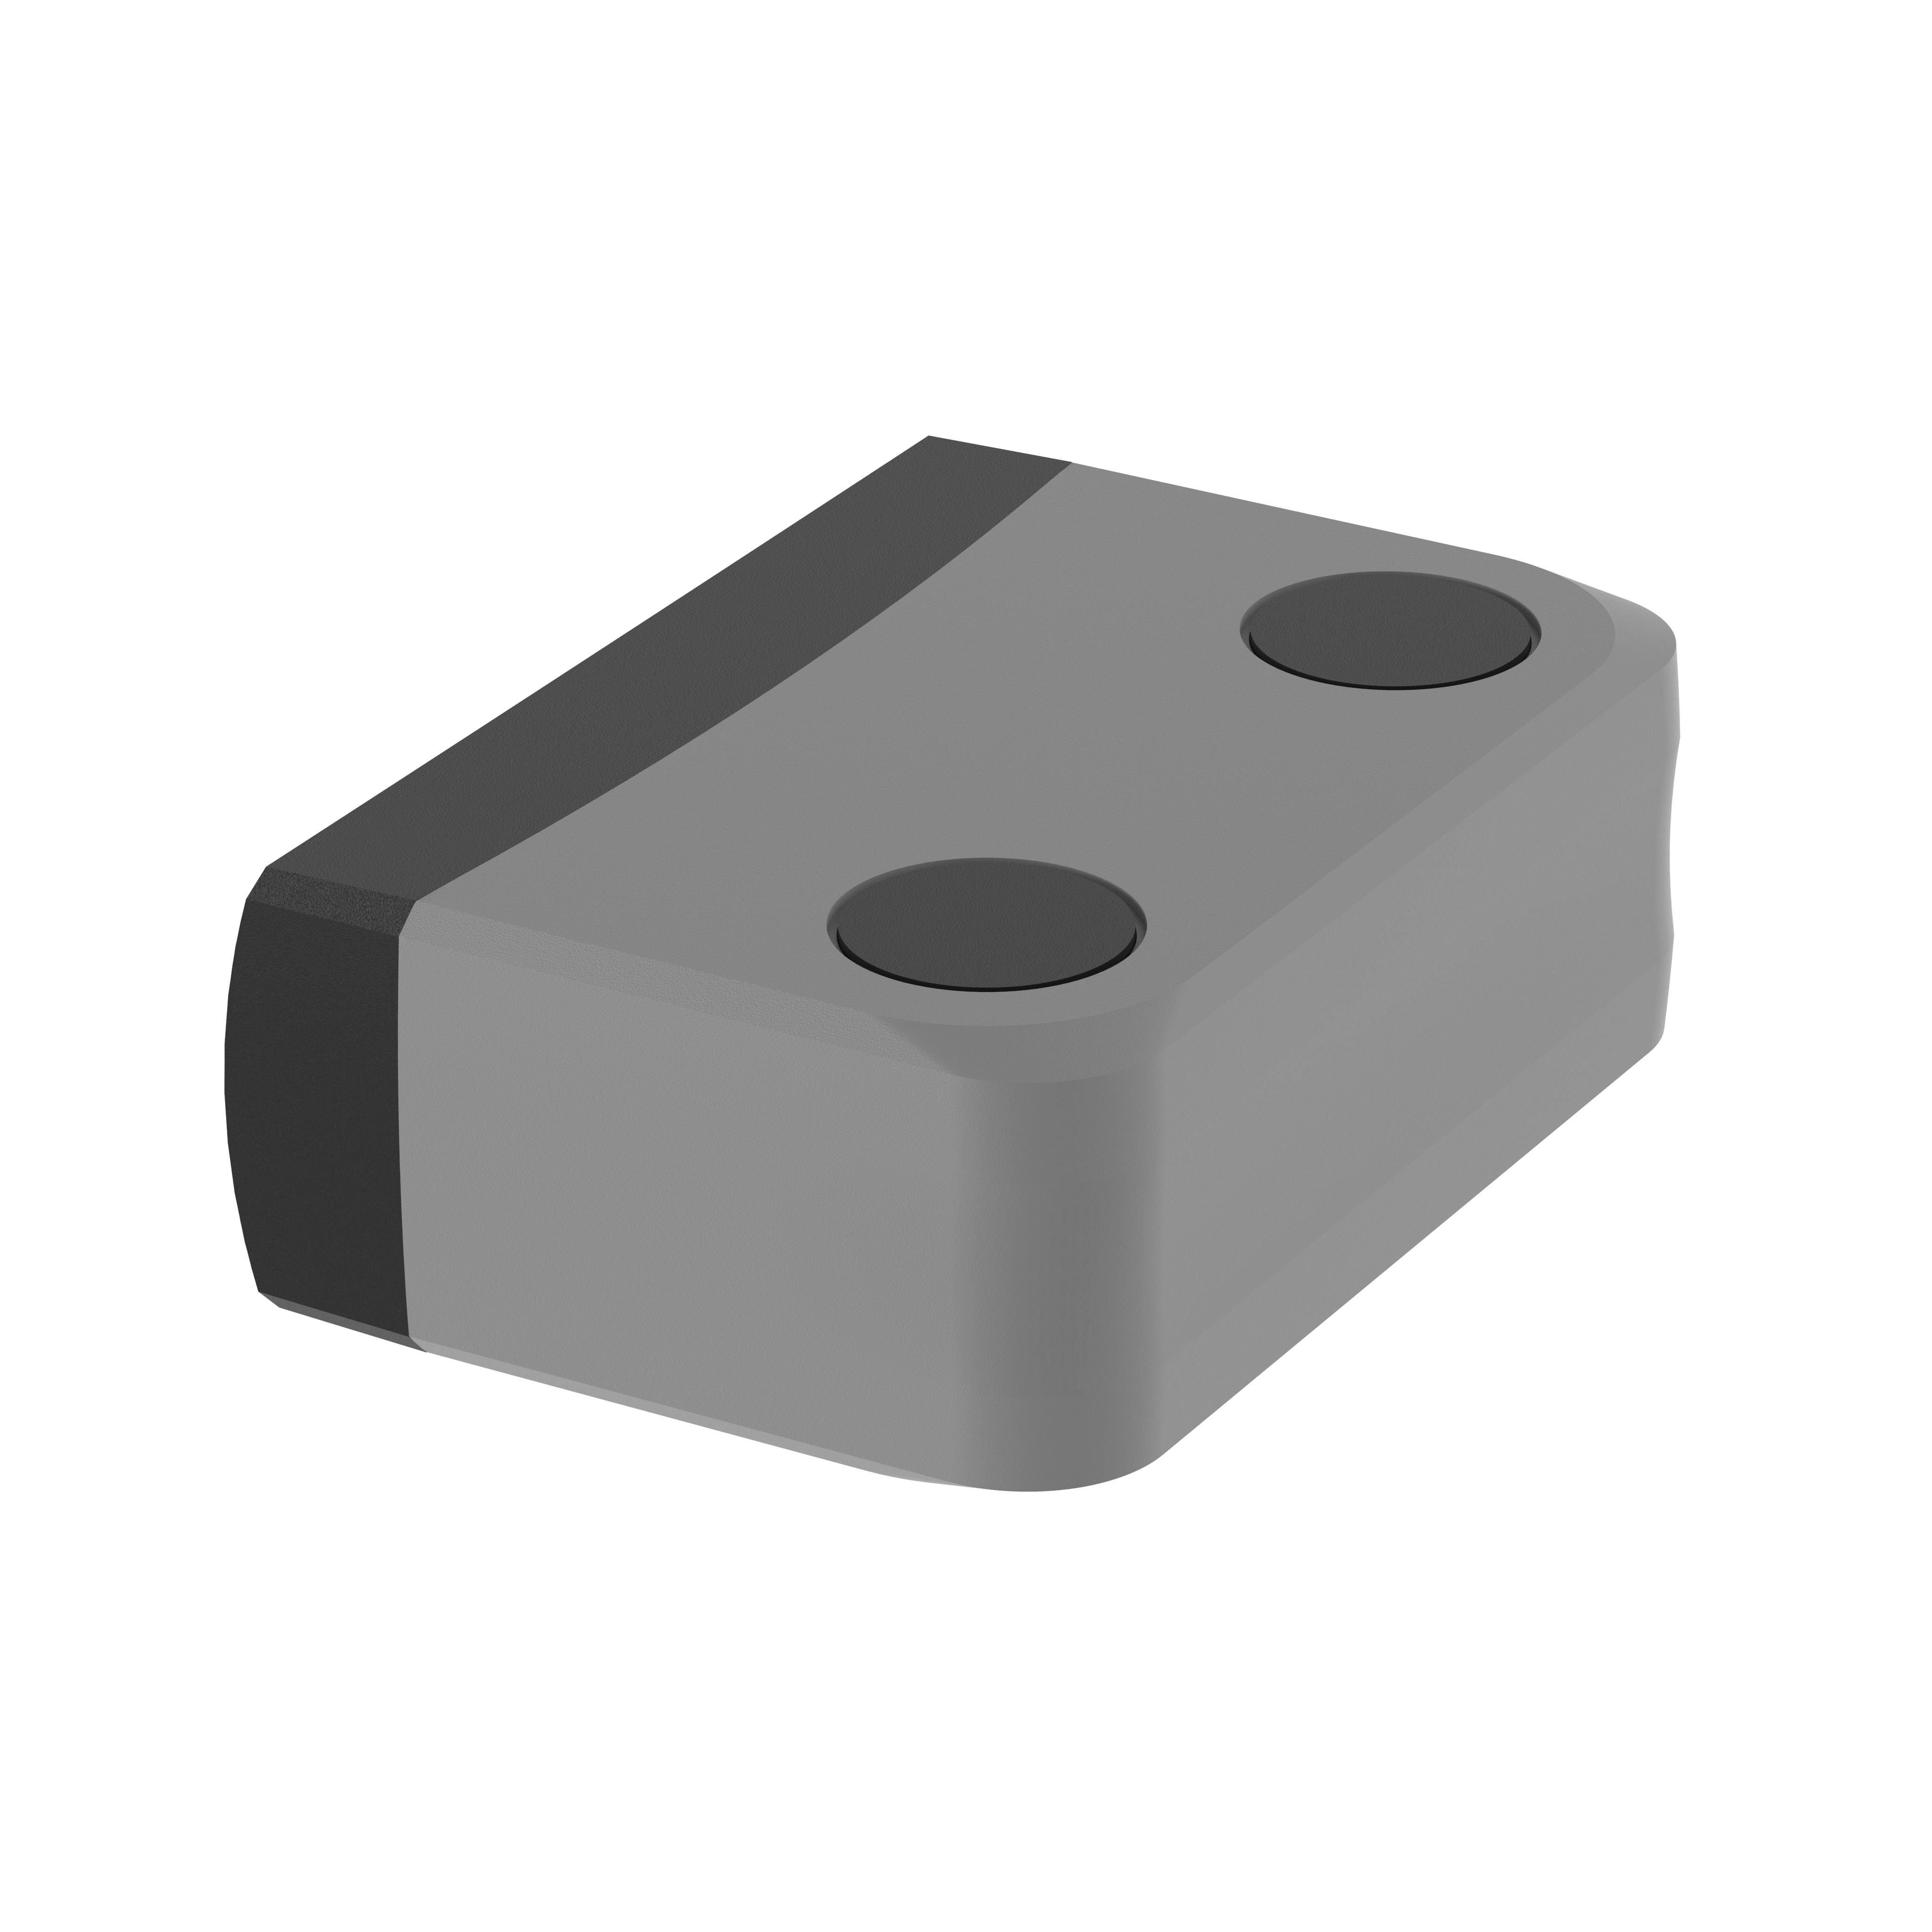 Betätiger für Sicherheitssensoren - 153EBK001 - Zubehör eloprotect E